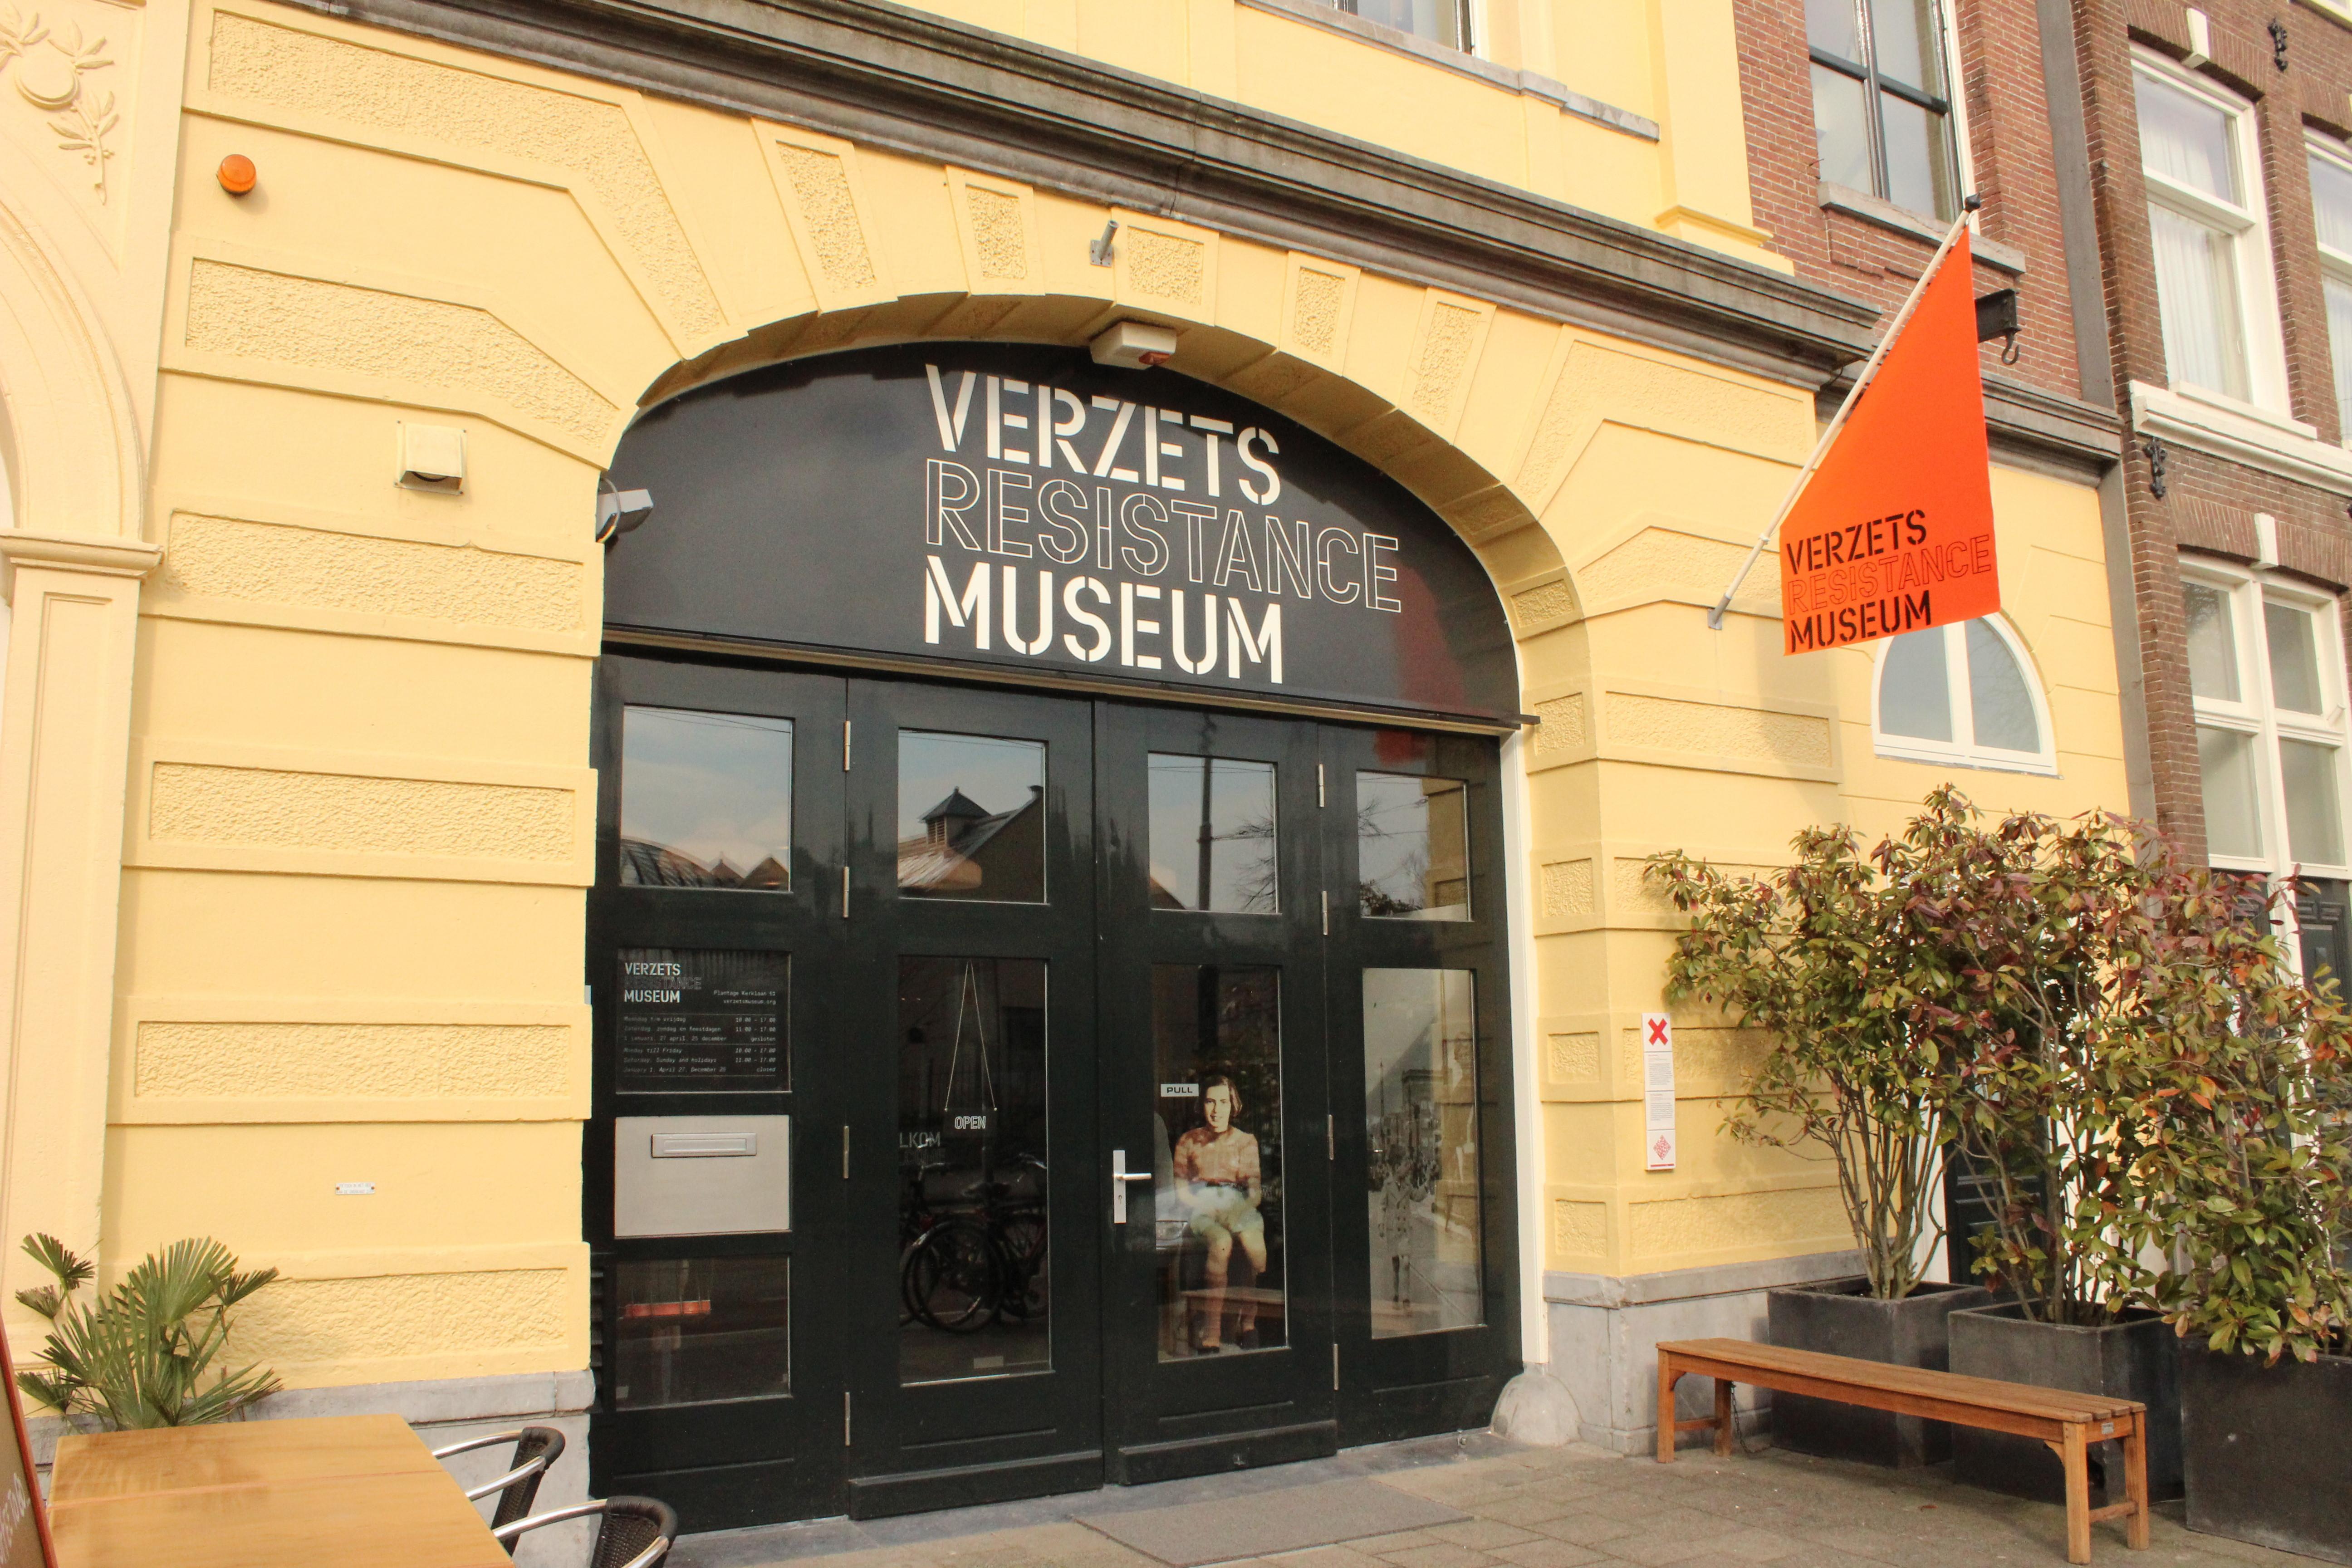 De entree van het museum bevind zich in een gele stenen muur en heeft openslaande glazen deuren. Boven de deur zit een zwarte boog met daarin de tekst verzets resistance museum